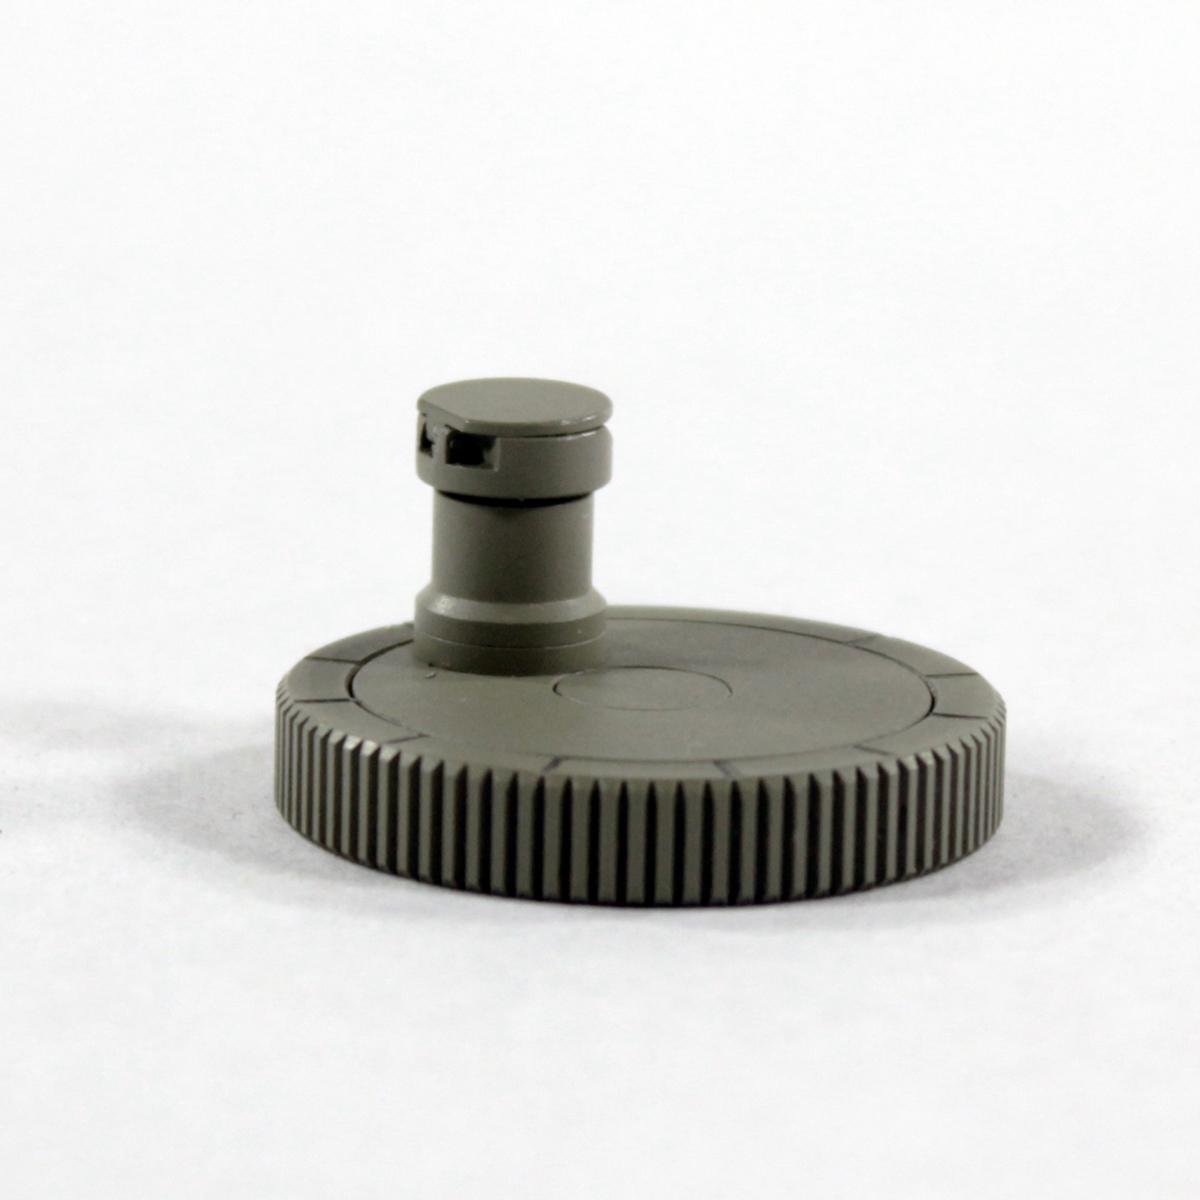 microdot camera mkvr detail